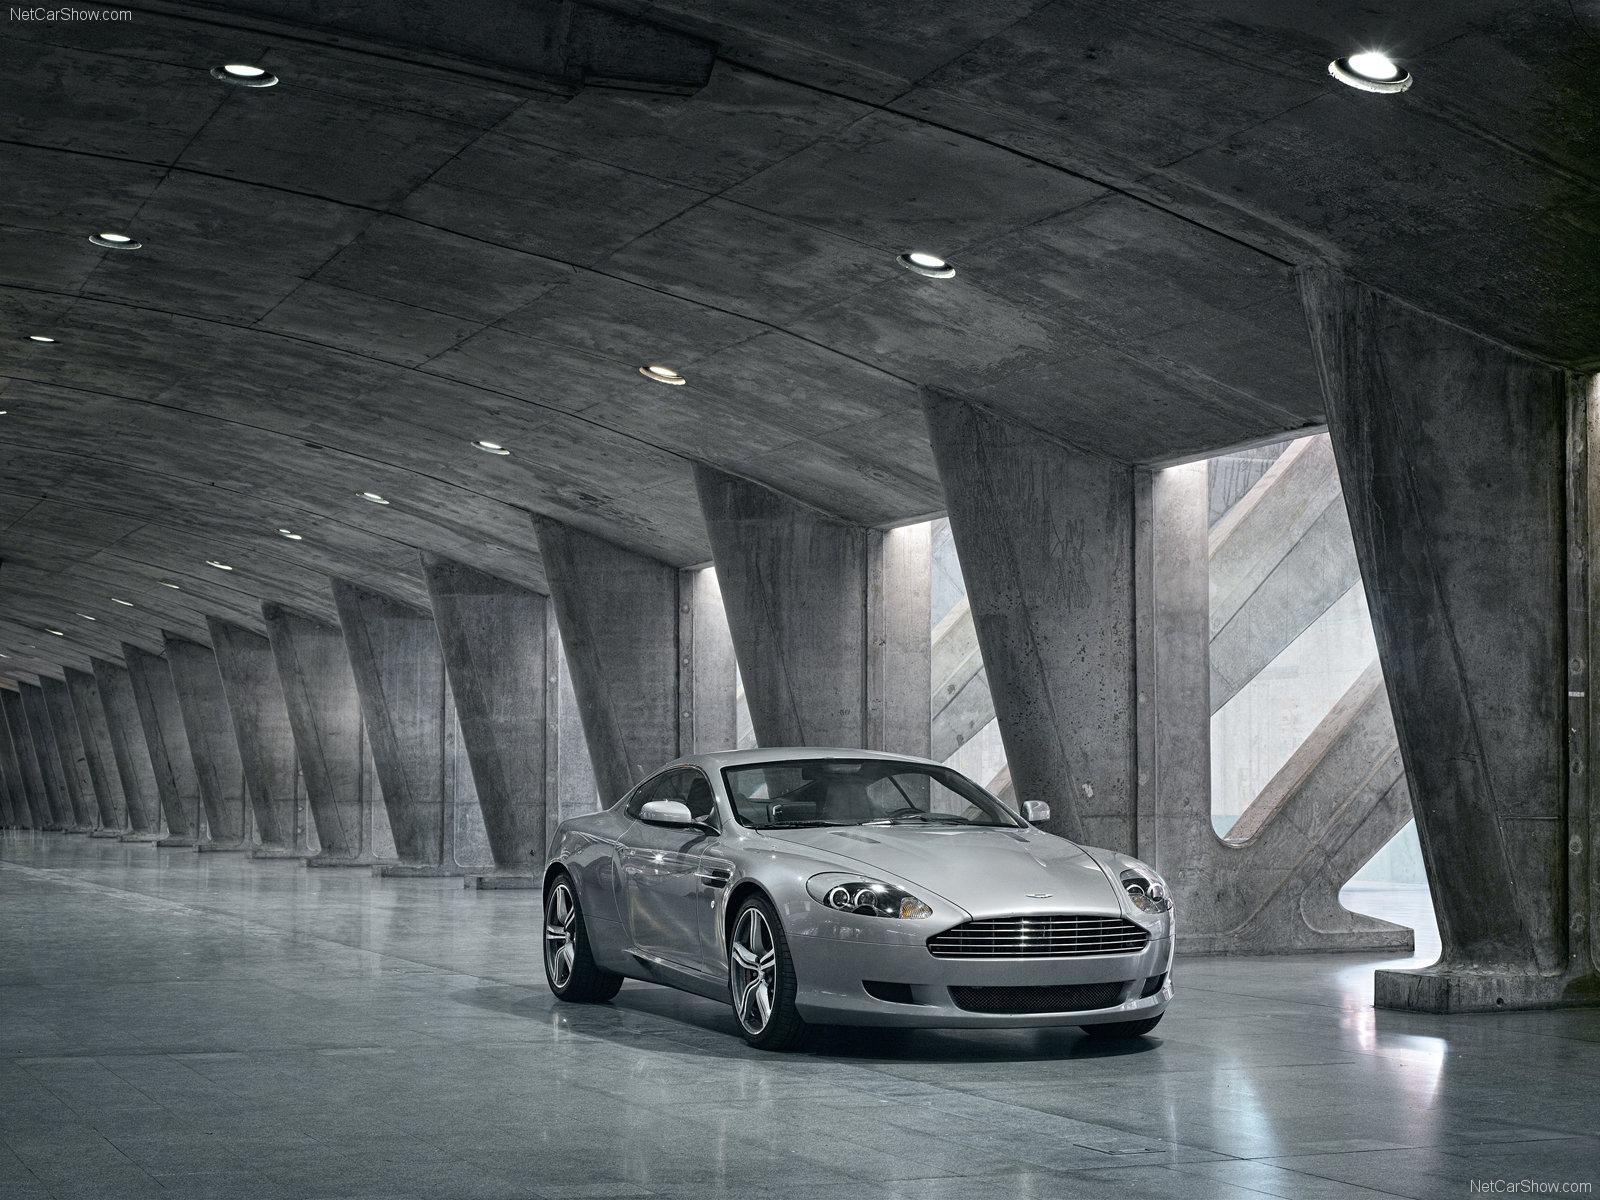 13428 скачать обои Транспорт, Машины, Астон Мартин (Aston Martin) - заставки и картинки бесплатно